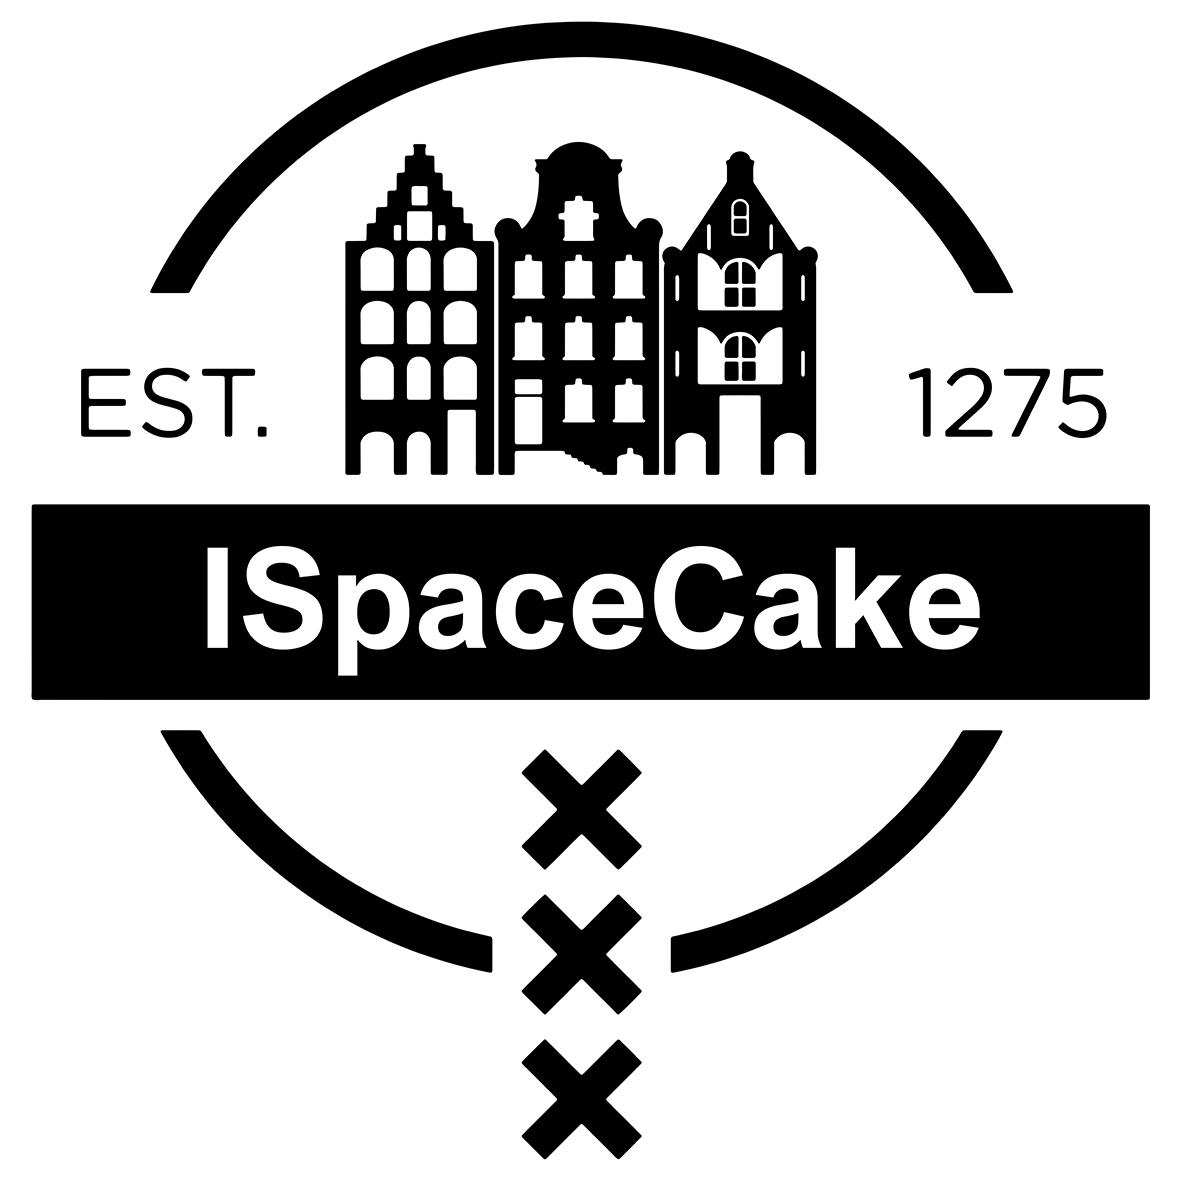 ISpaceCake